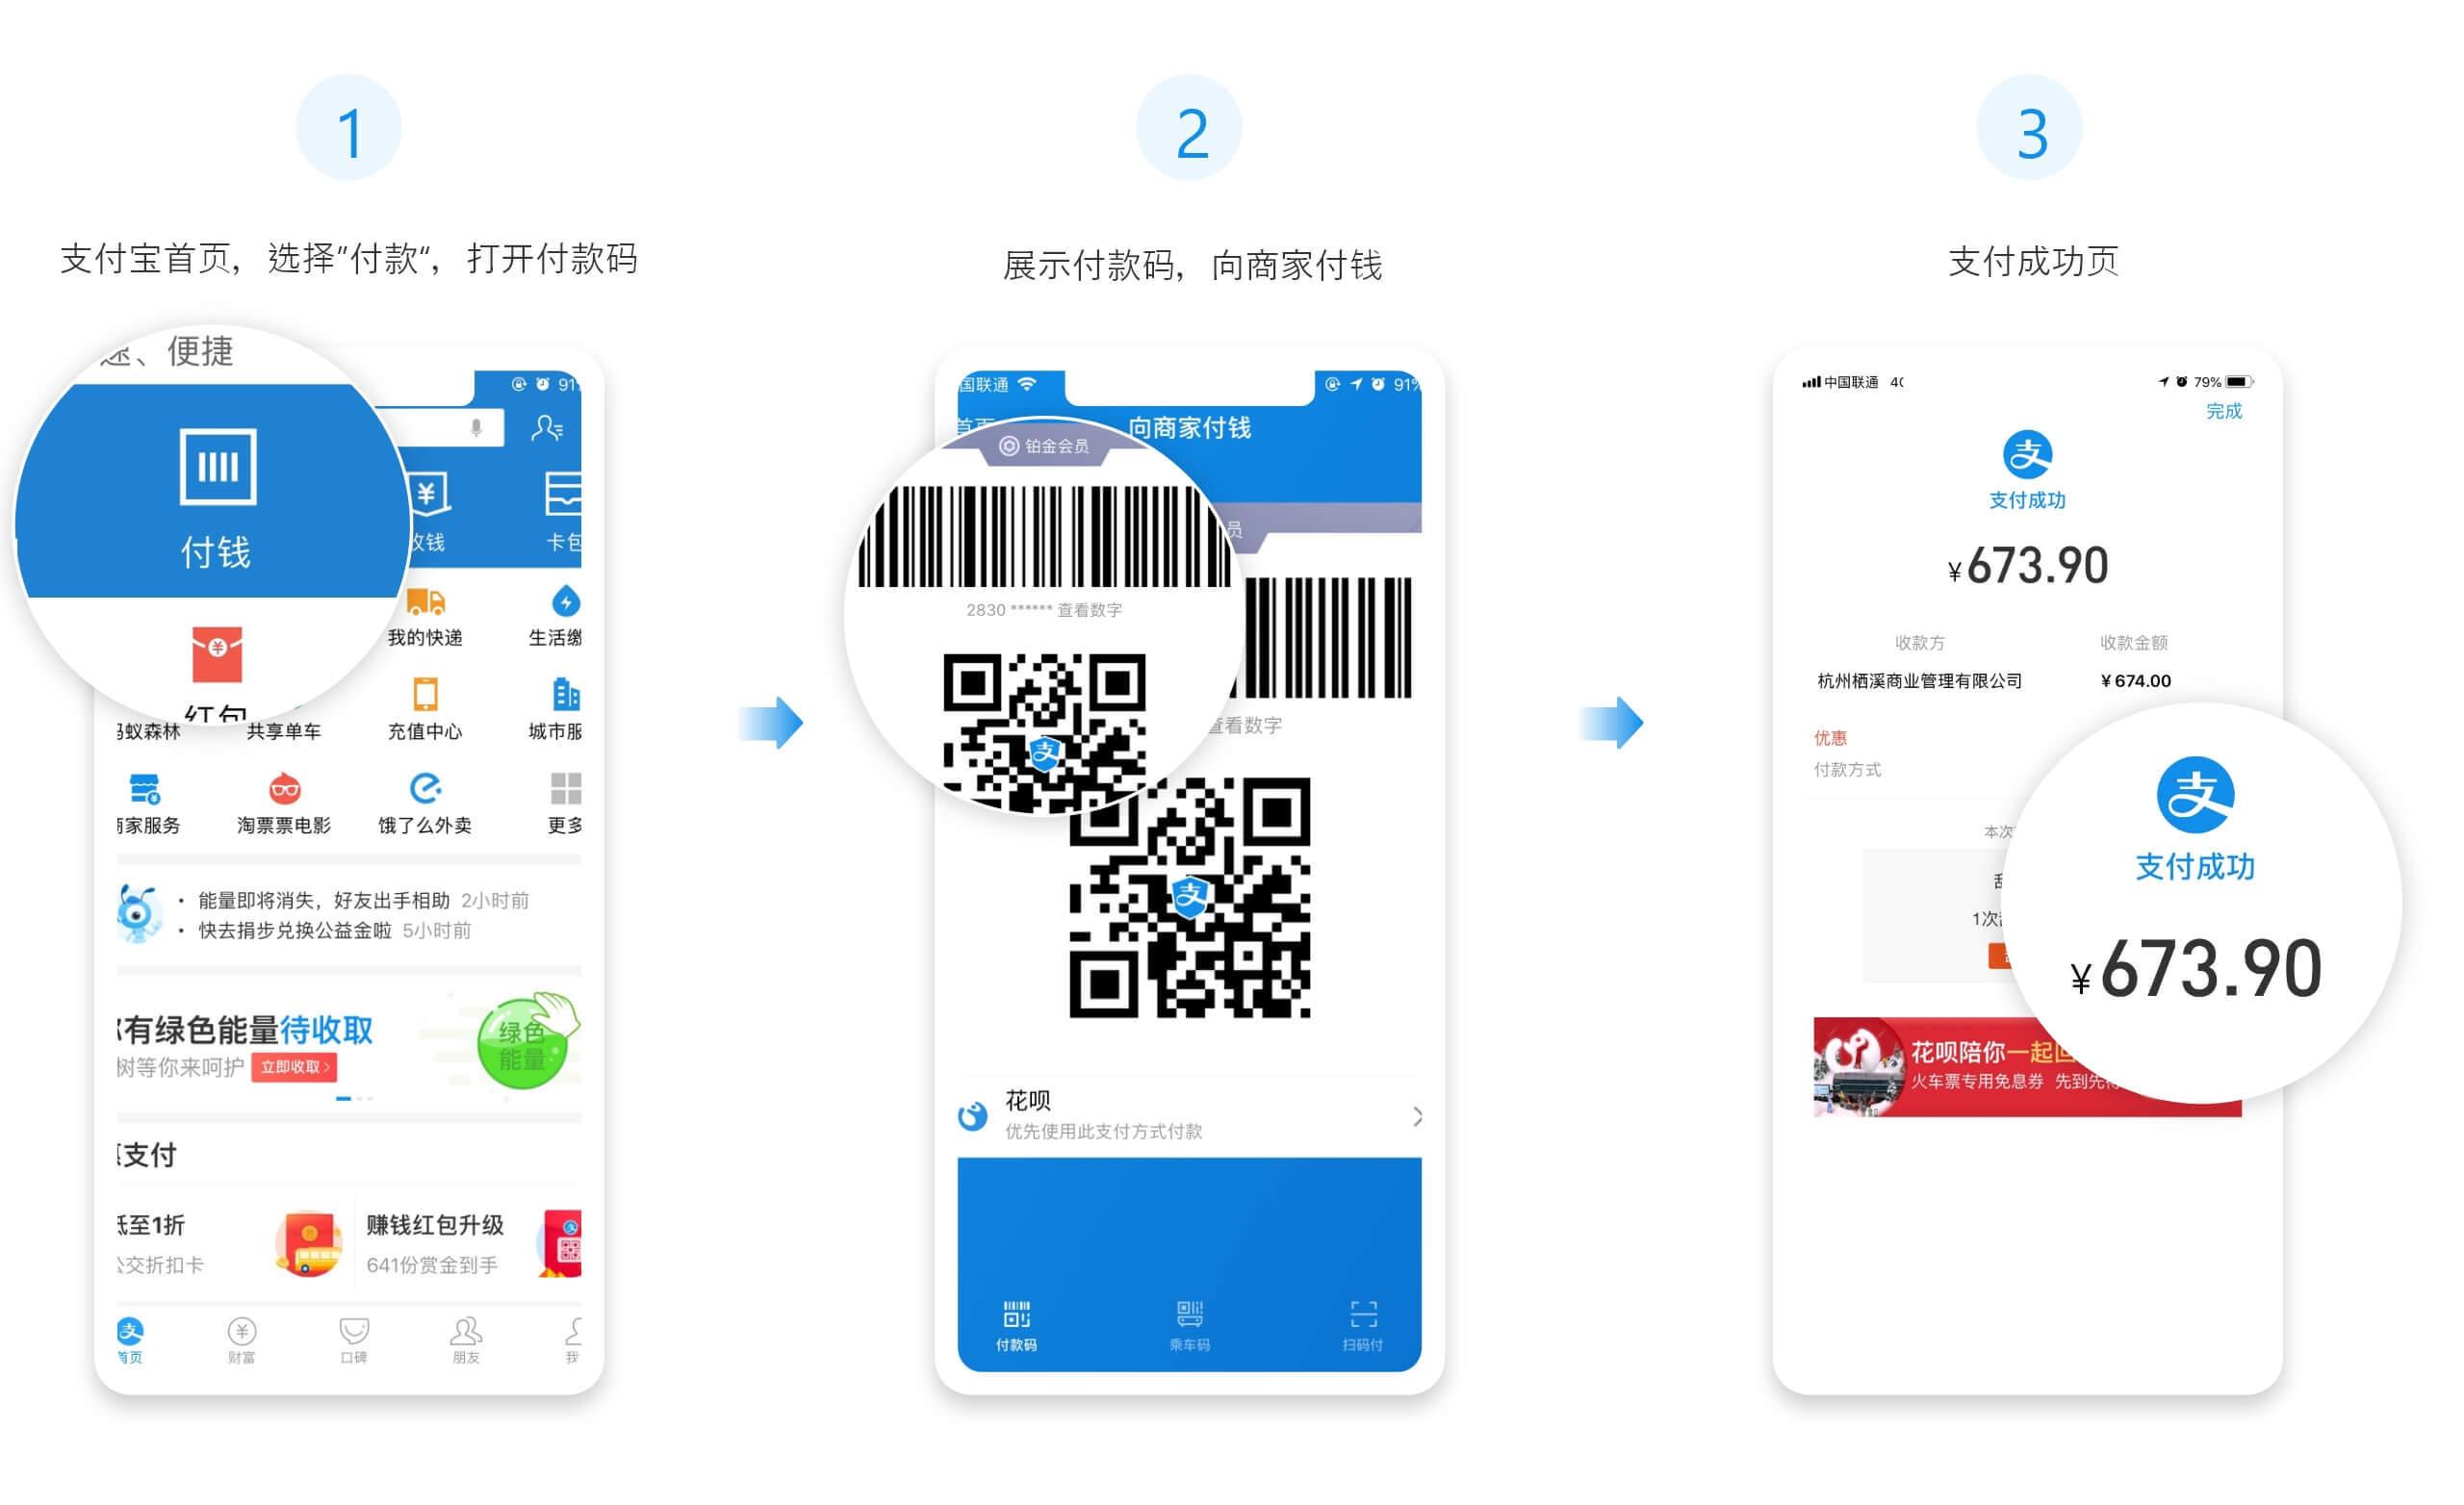 Gitee:支付宝当面付打赏系统源码-四海吧sihaiba.com